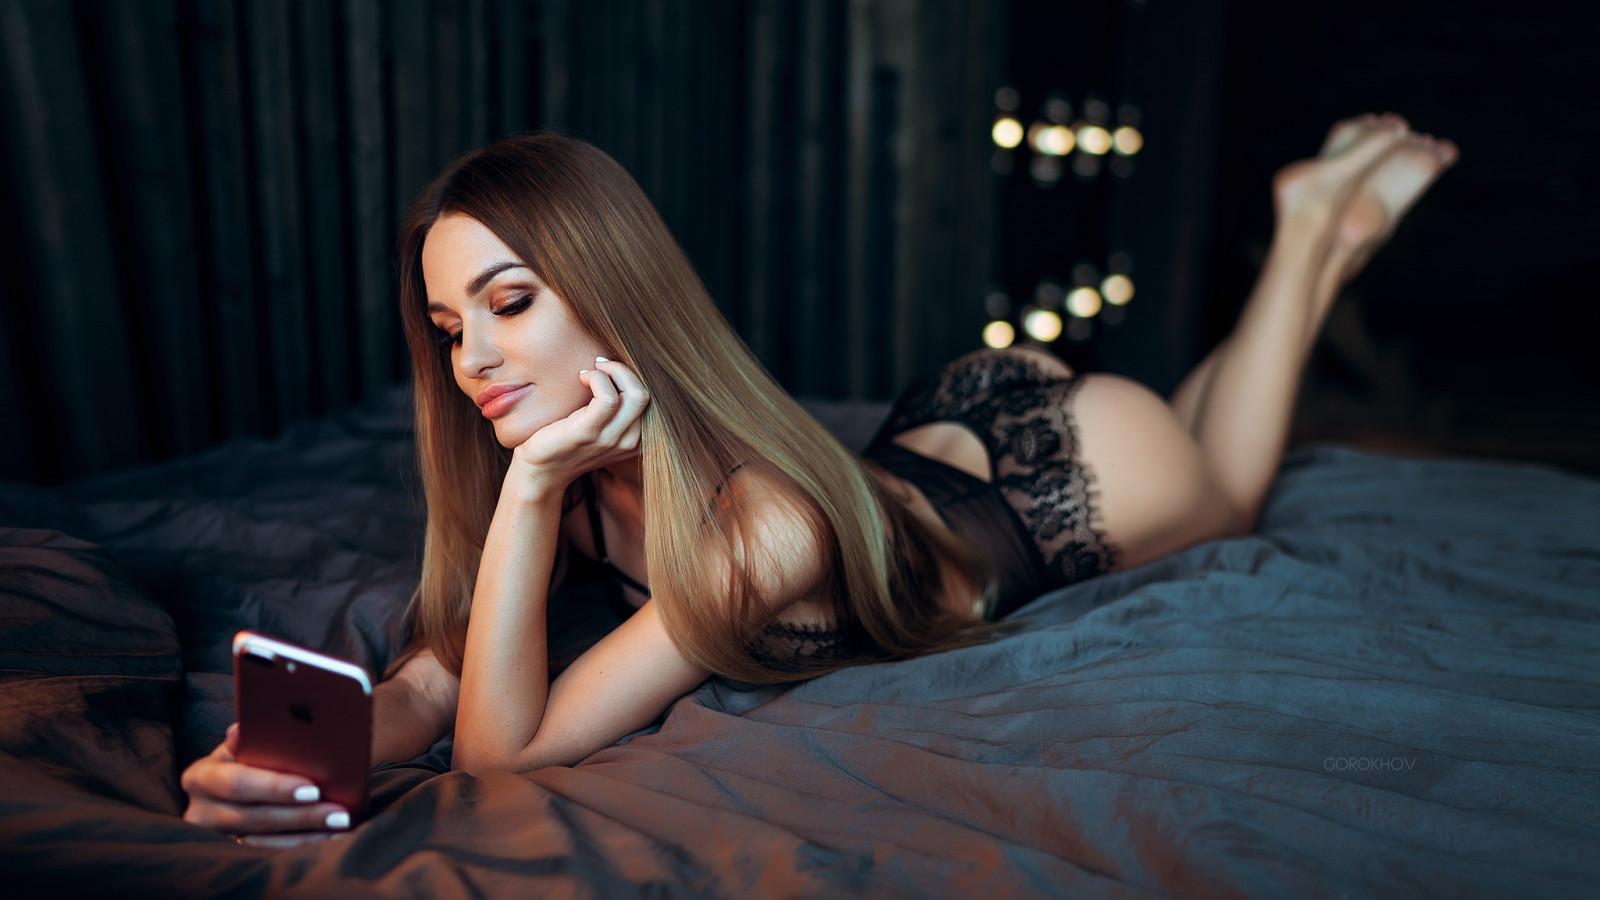 Секс по версии телефон, Порно с телефона онлайн, секс ролики с мобильного 10 фотография